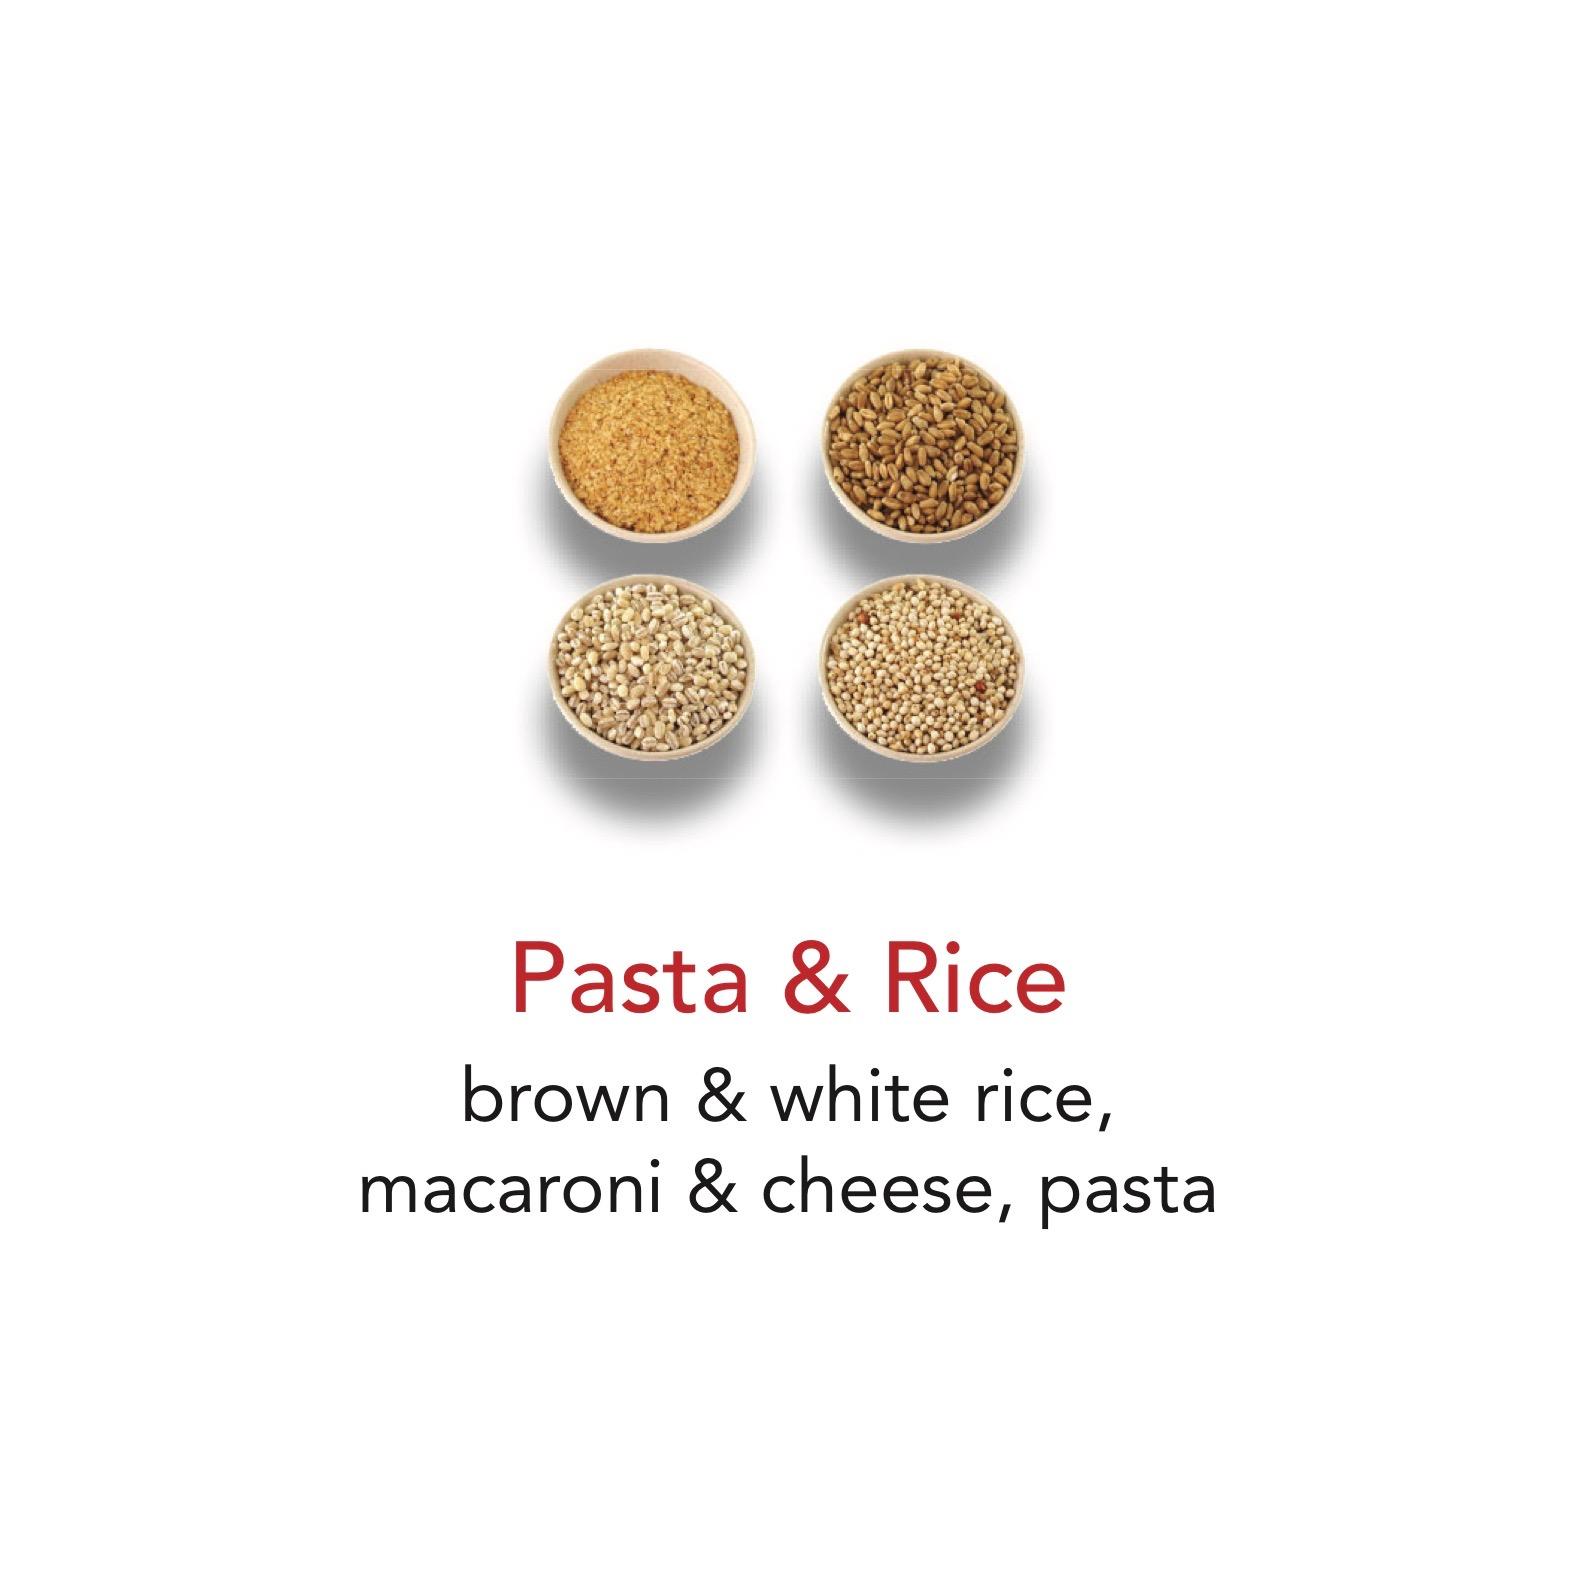 PastaRice.jpeg